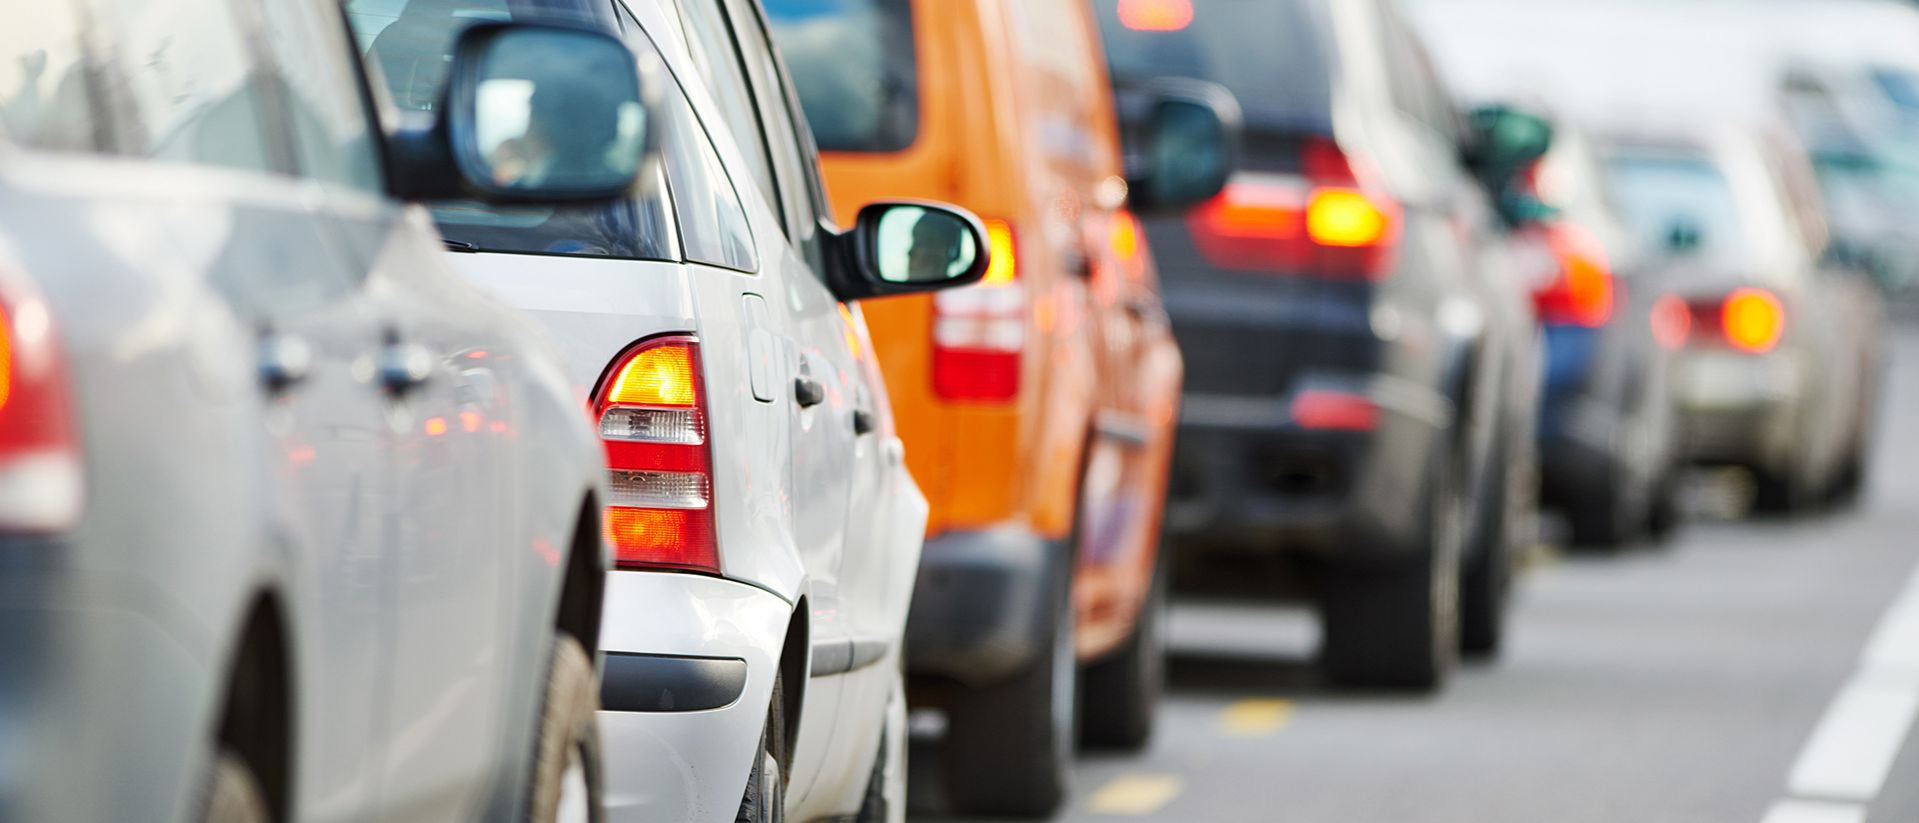 Dati Arpa Lombardia: il traffico non è la principale causa di inquinamento